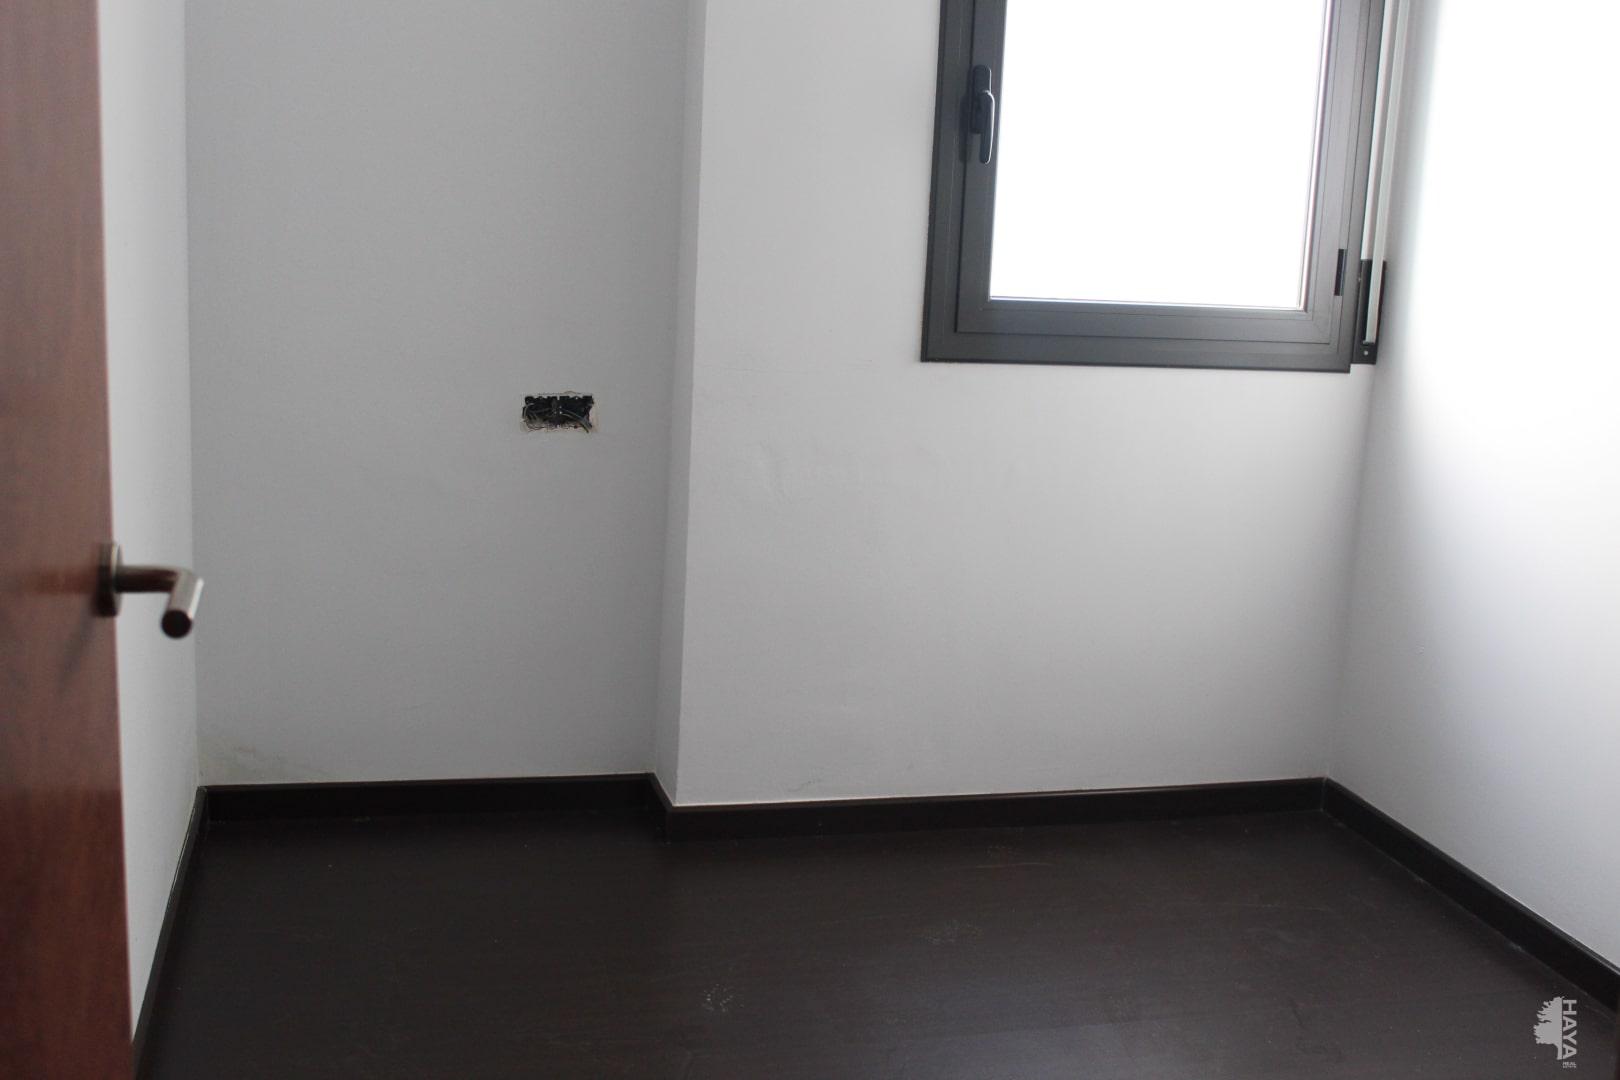 Piso en venta en Amposta, Tarragona, Calle Bruch, 54.500 €, 2 habitaciones, 1 baño, 58 m2